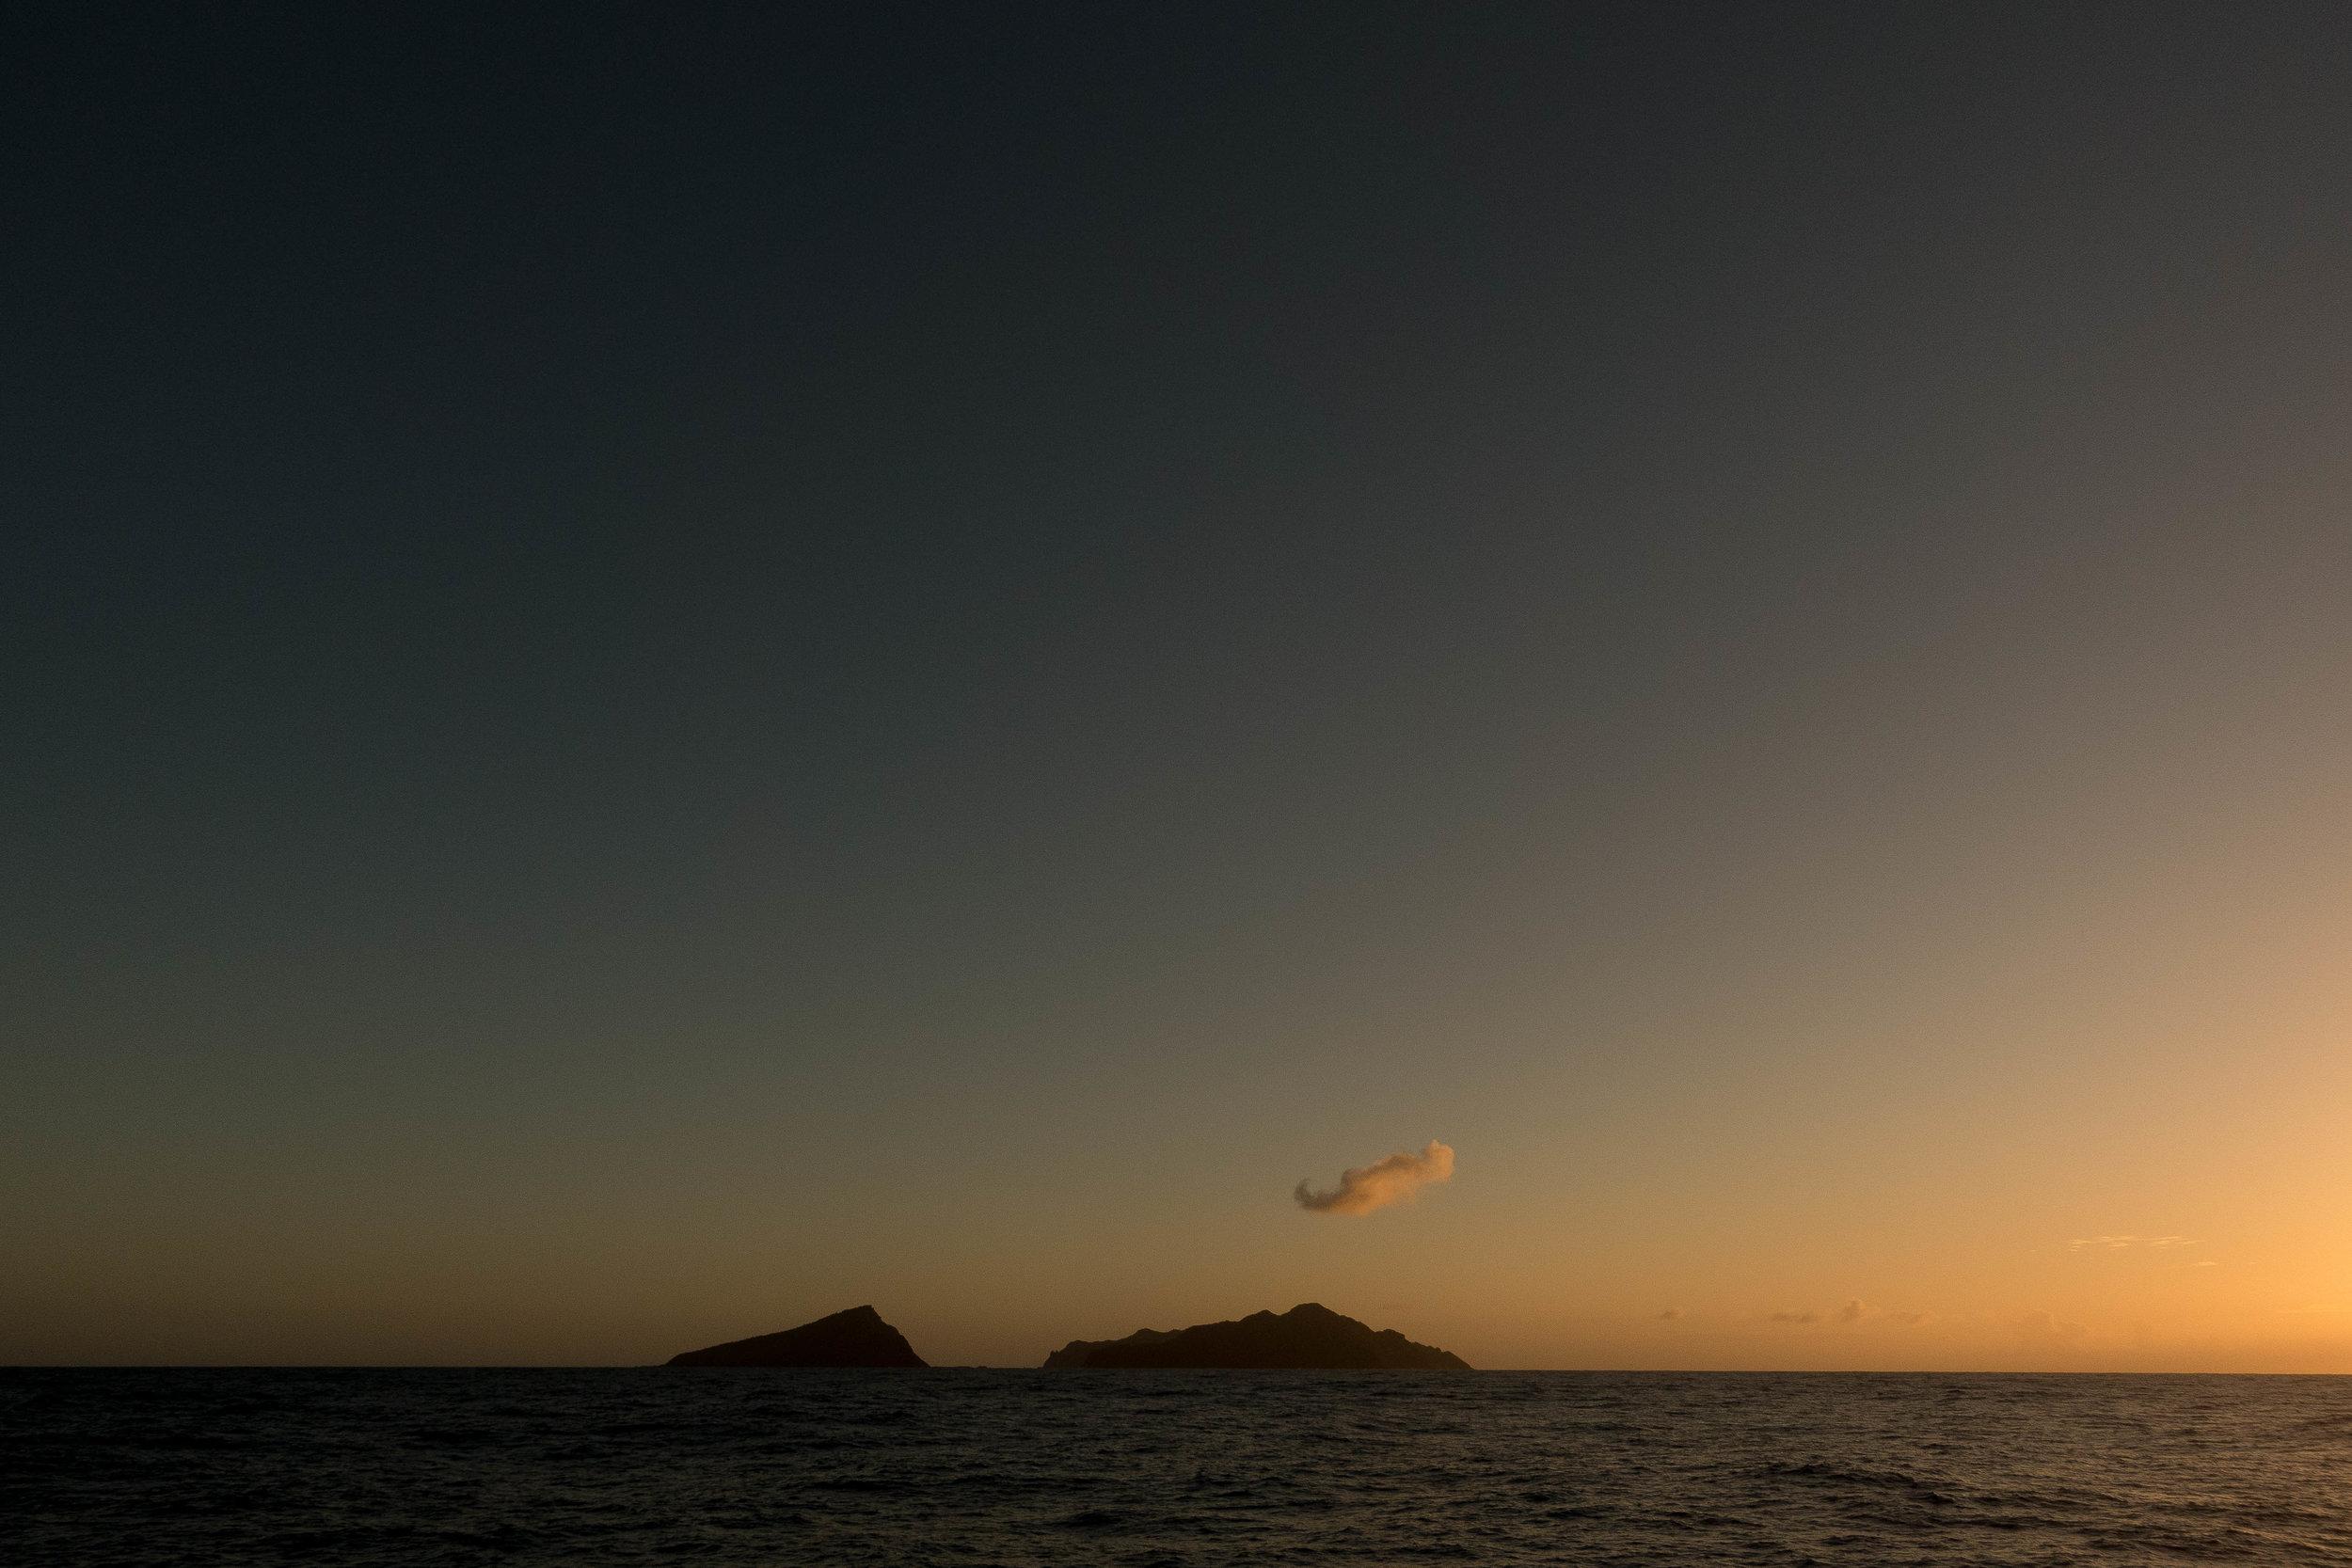 Maug, Northern Marianas